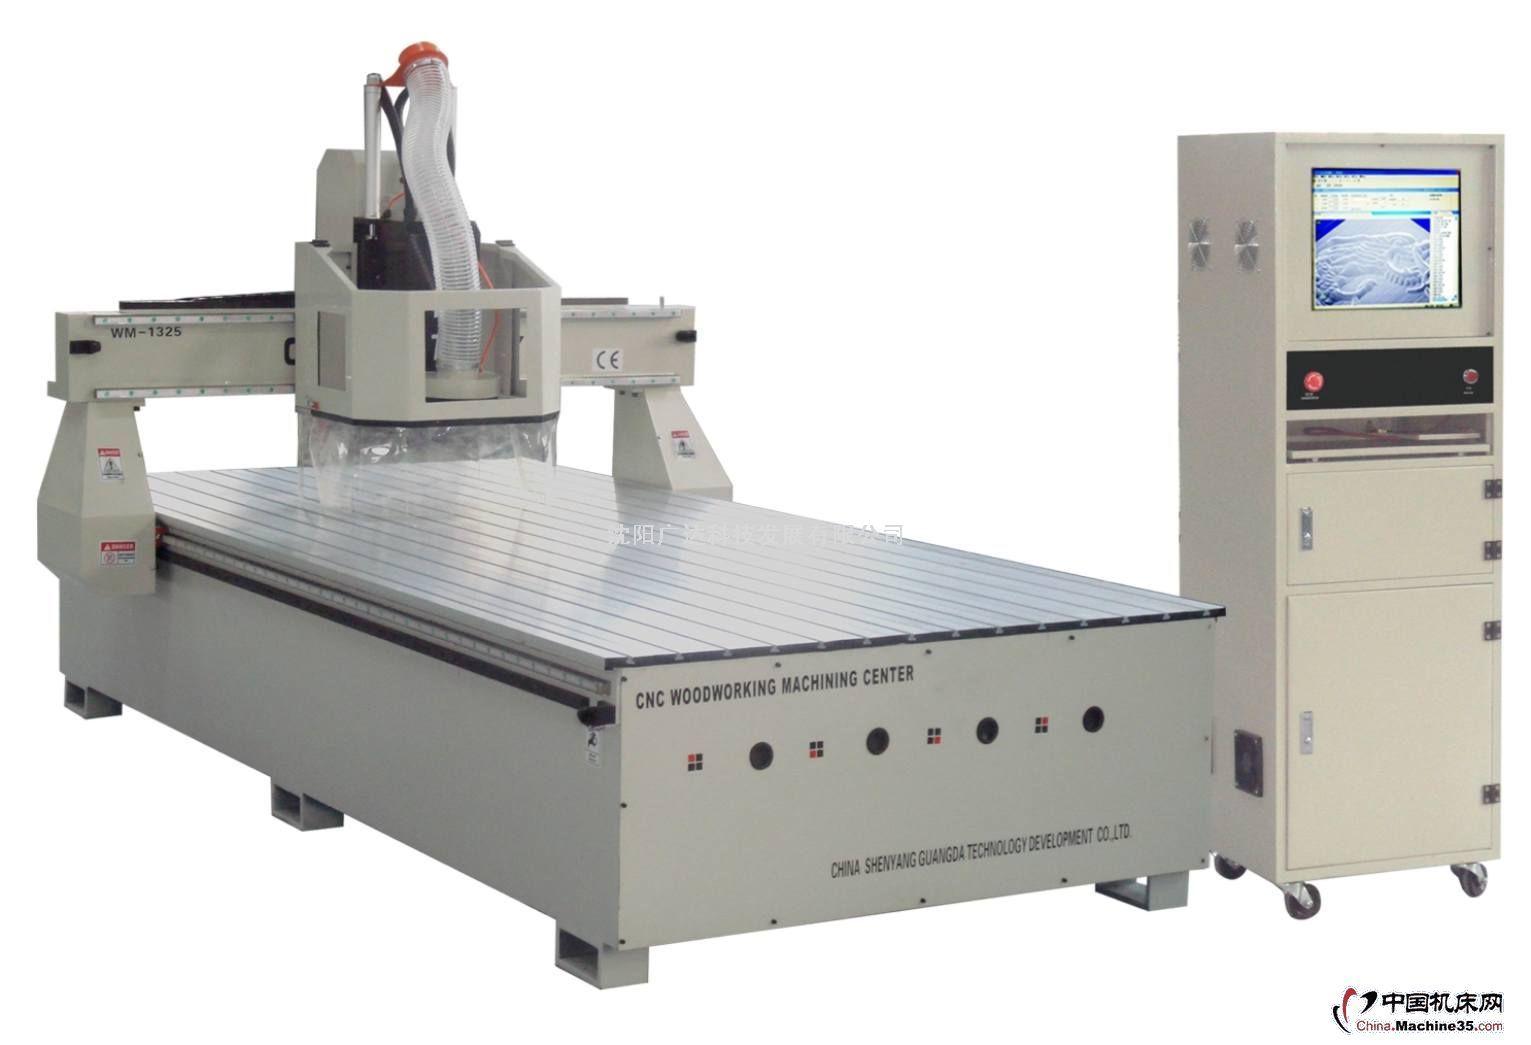 木工雕刻机-木工数控车床-木工车床-木工机床-中国